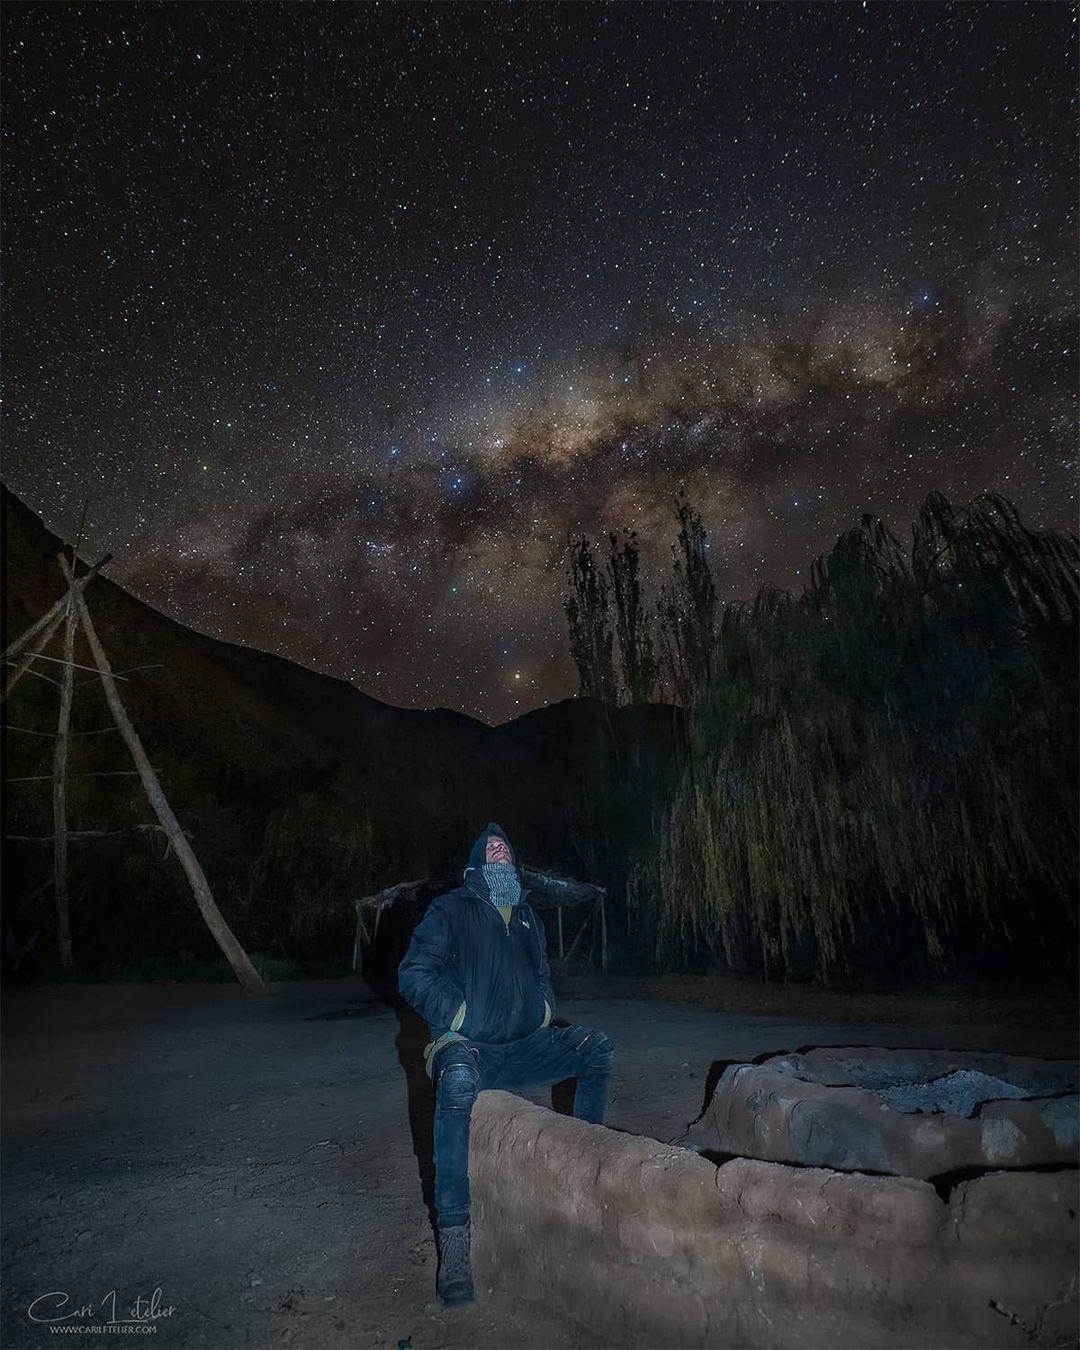 Hombre mirando las estrellas en camping Río Mágico, Cochiguaz